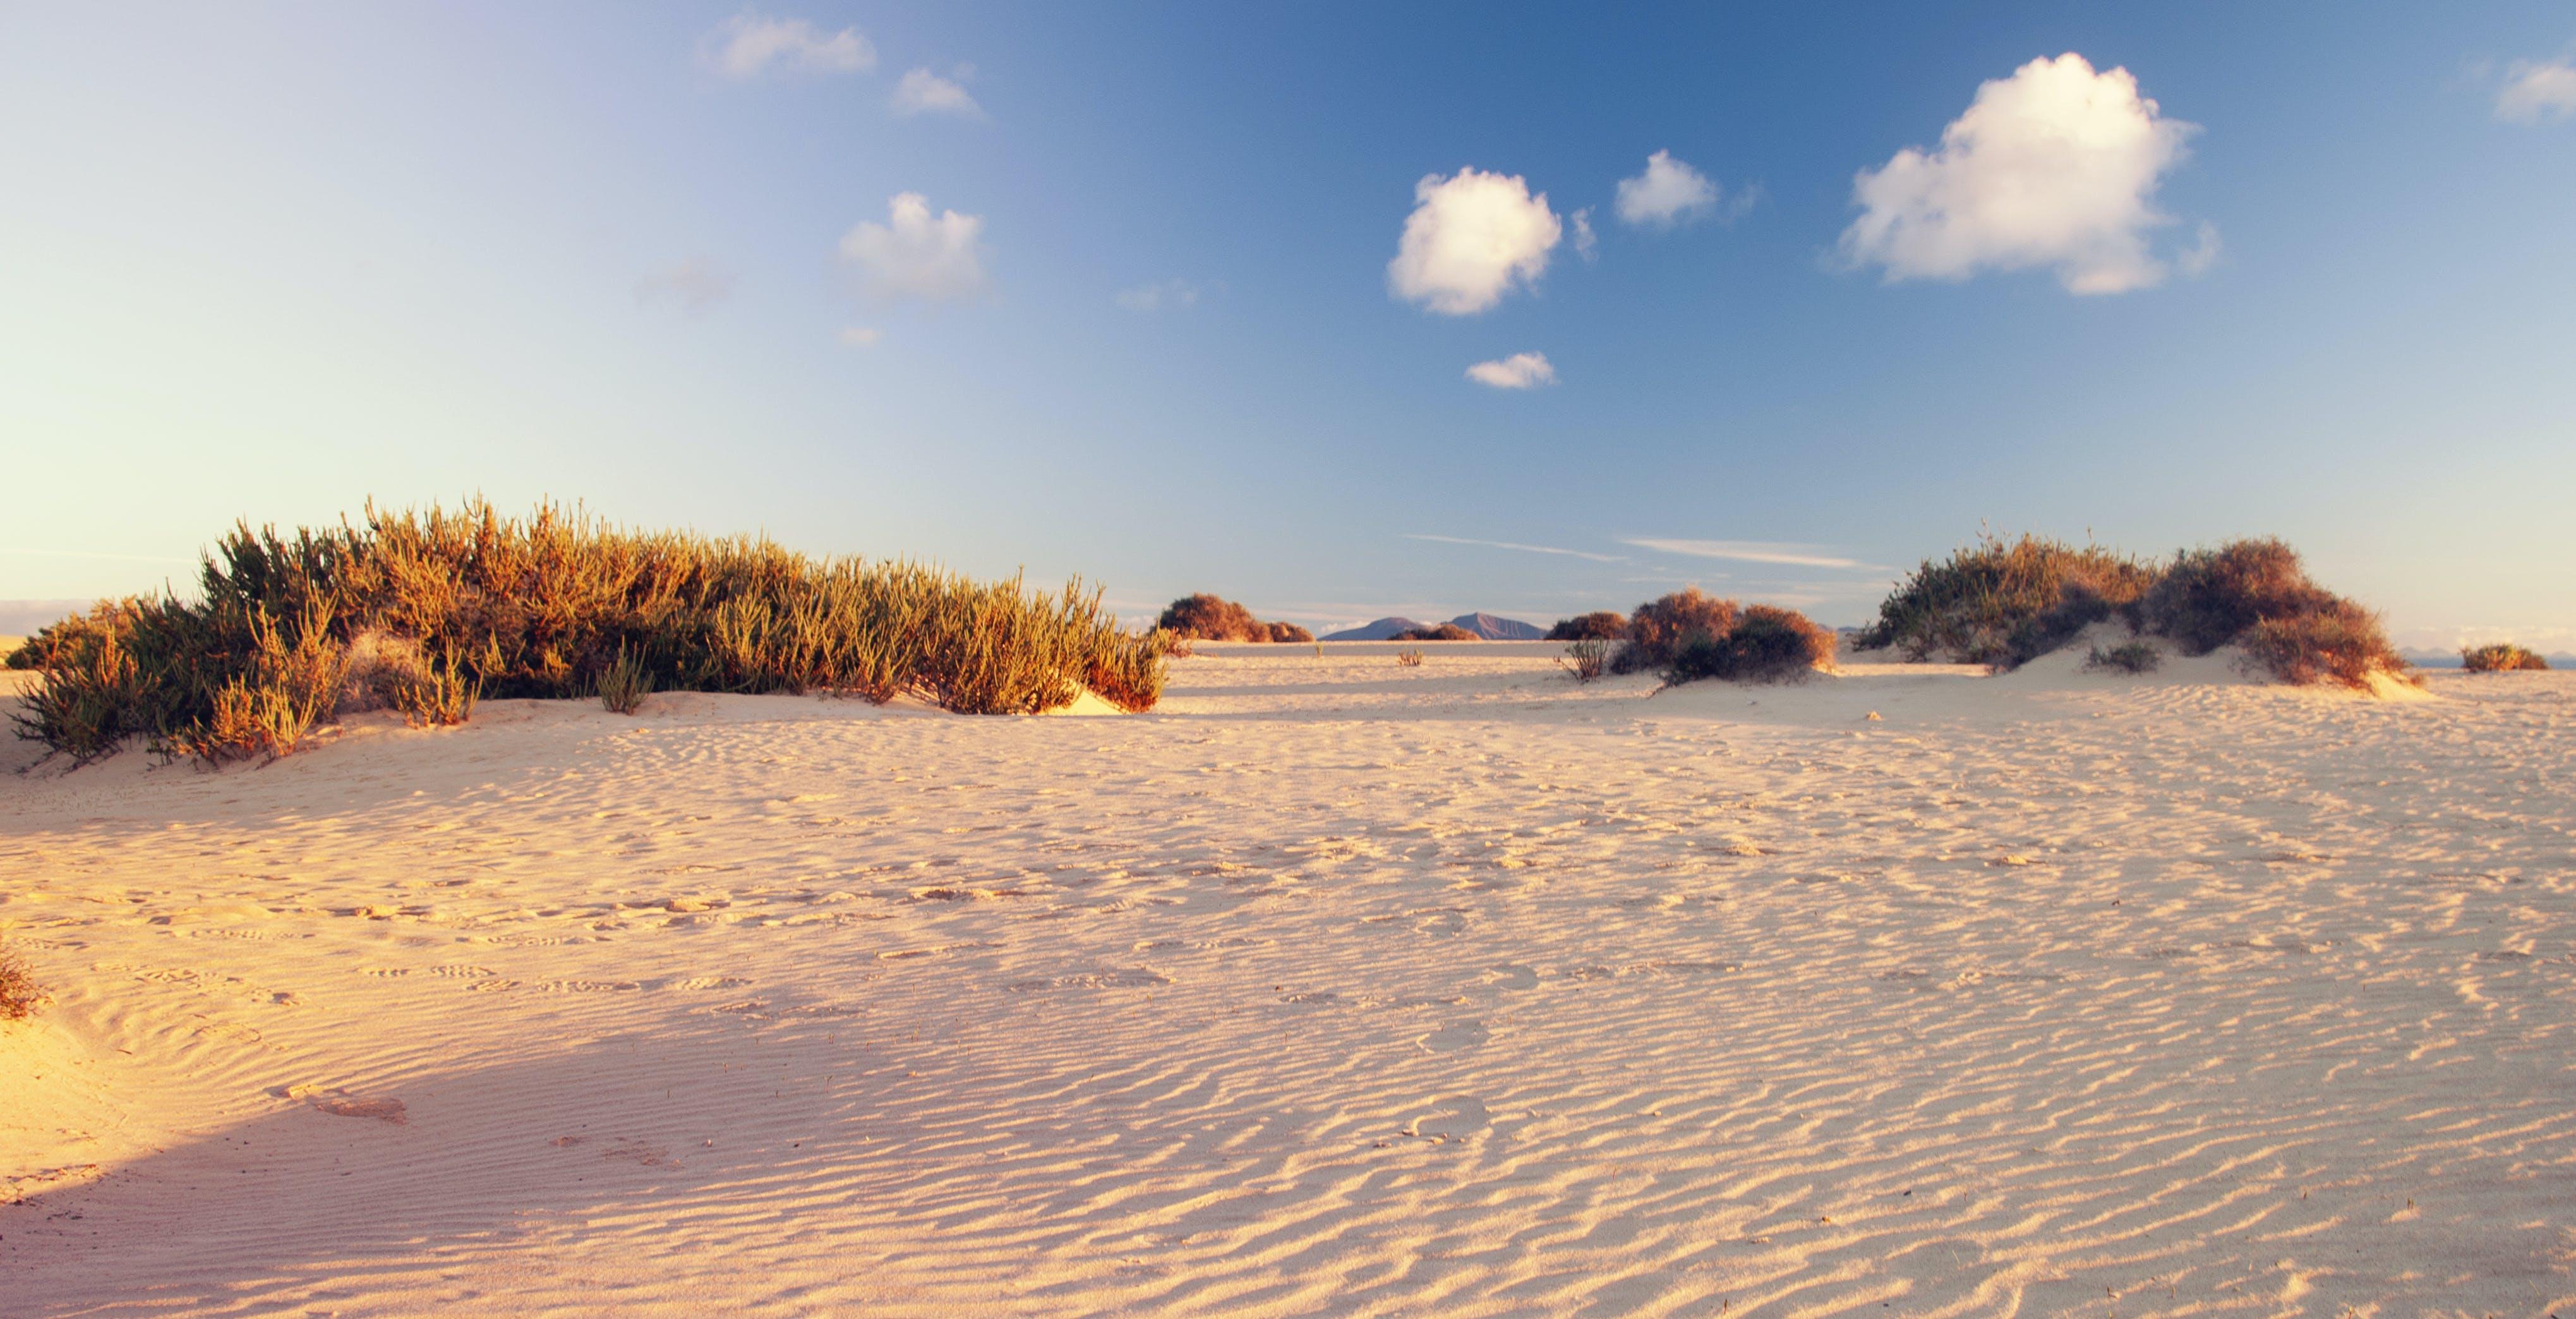 Empty White Desert Near Grasses